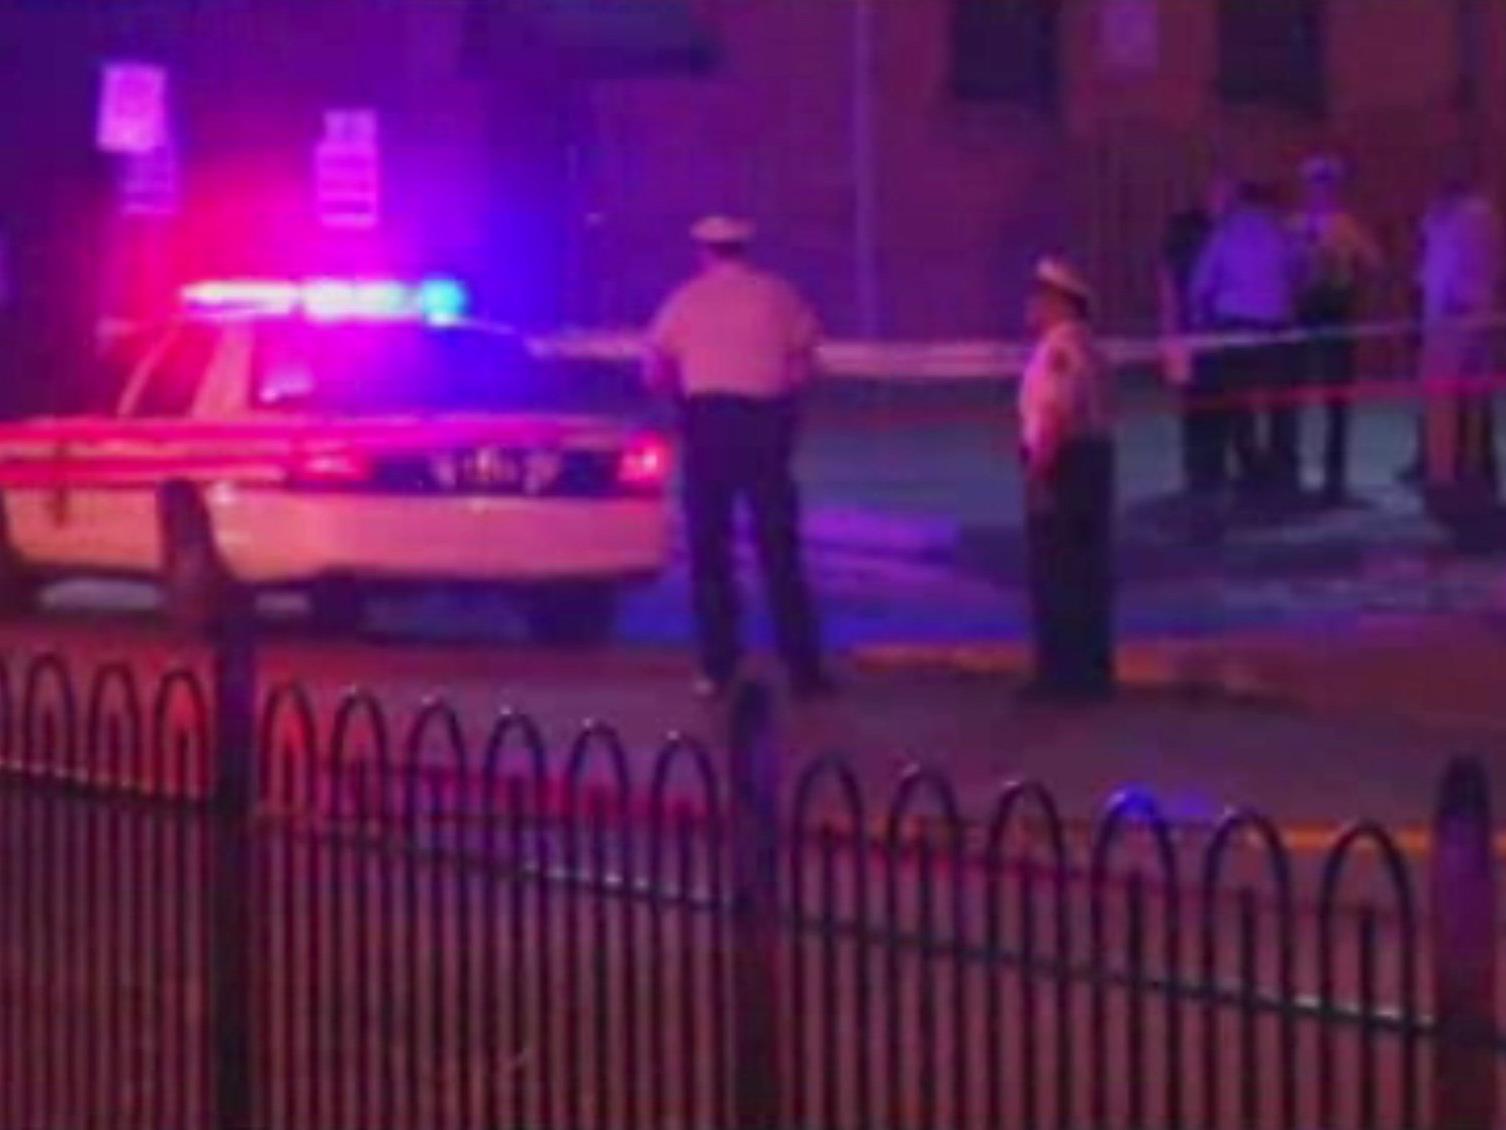 Die Polizisten schossen offenbar, weil der 13-Jährige eine Pistolen-Attrappe zog.